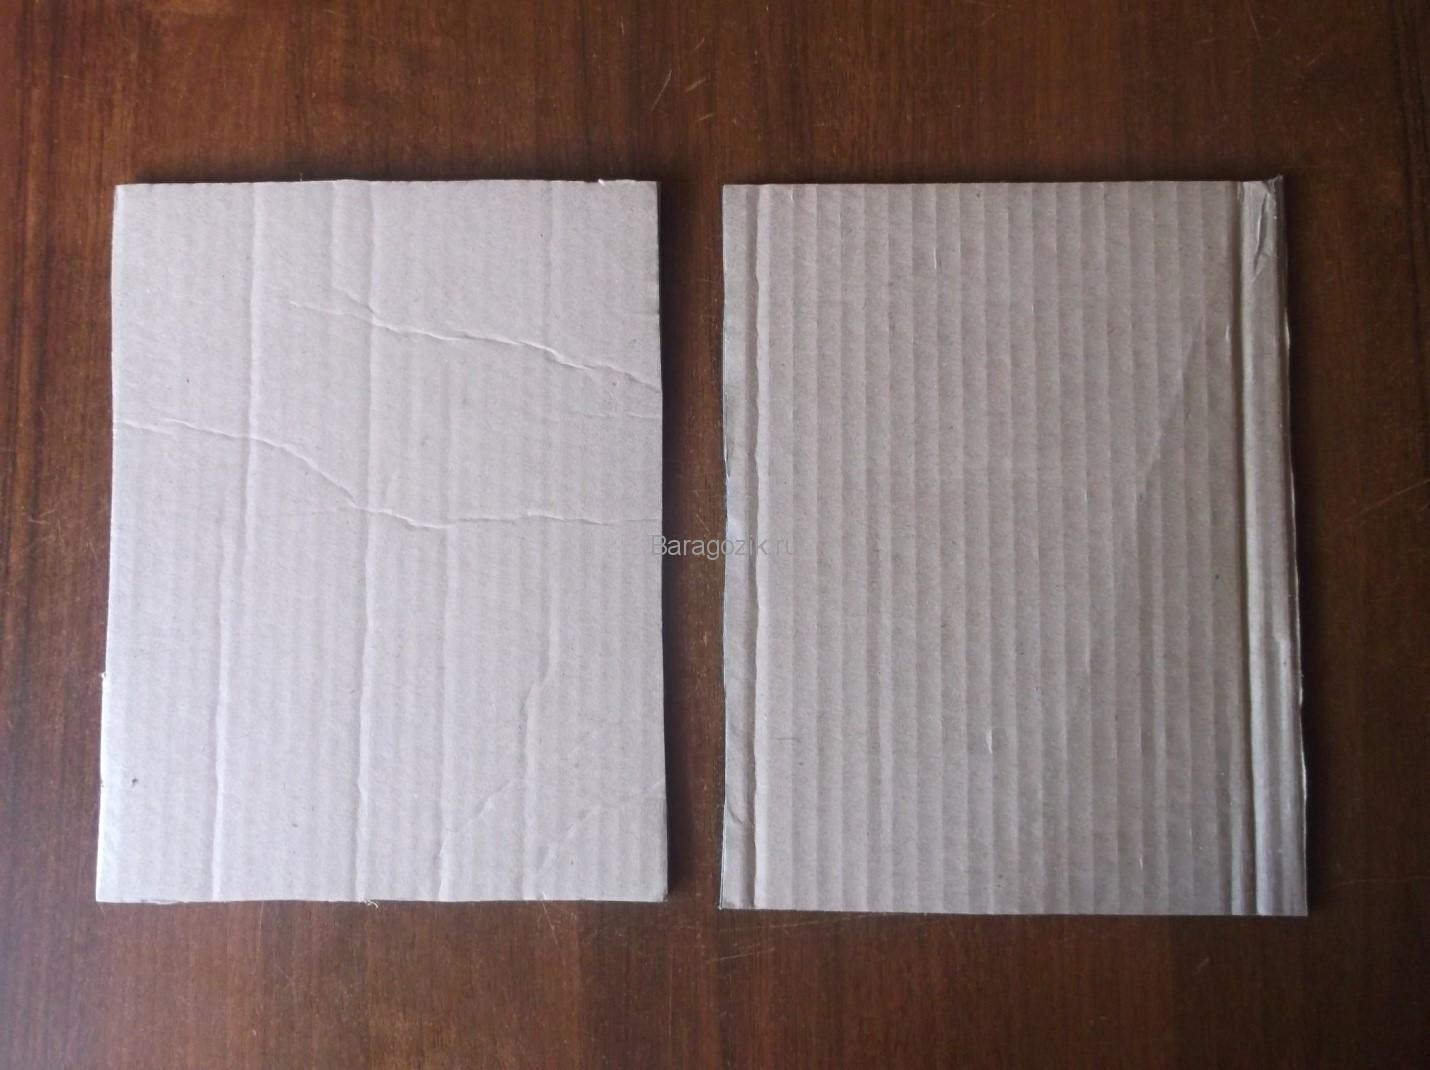 Папка для тетрадей своими руками - этап 1